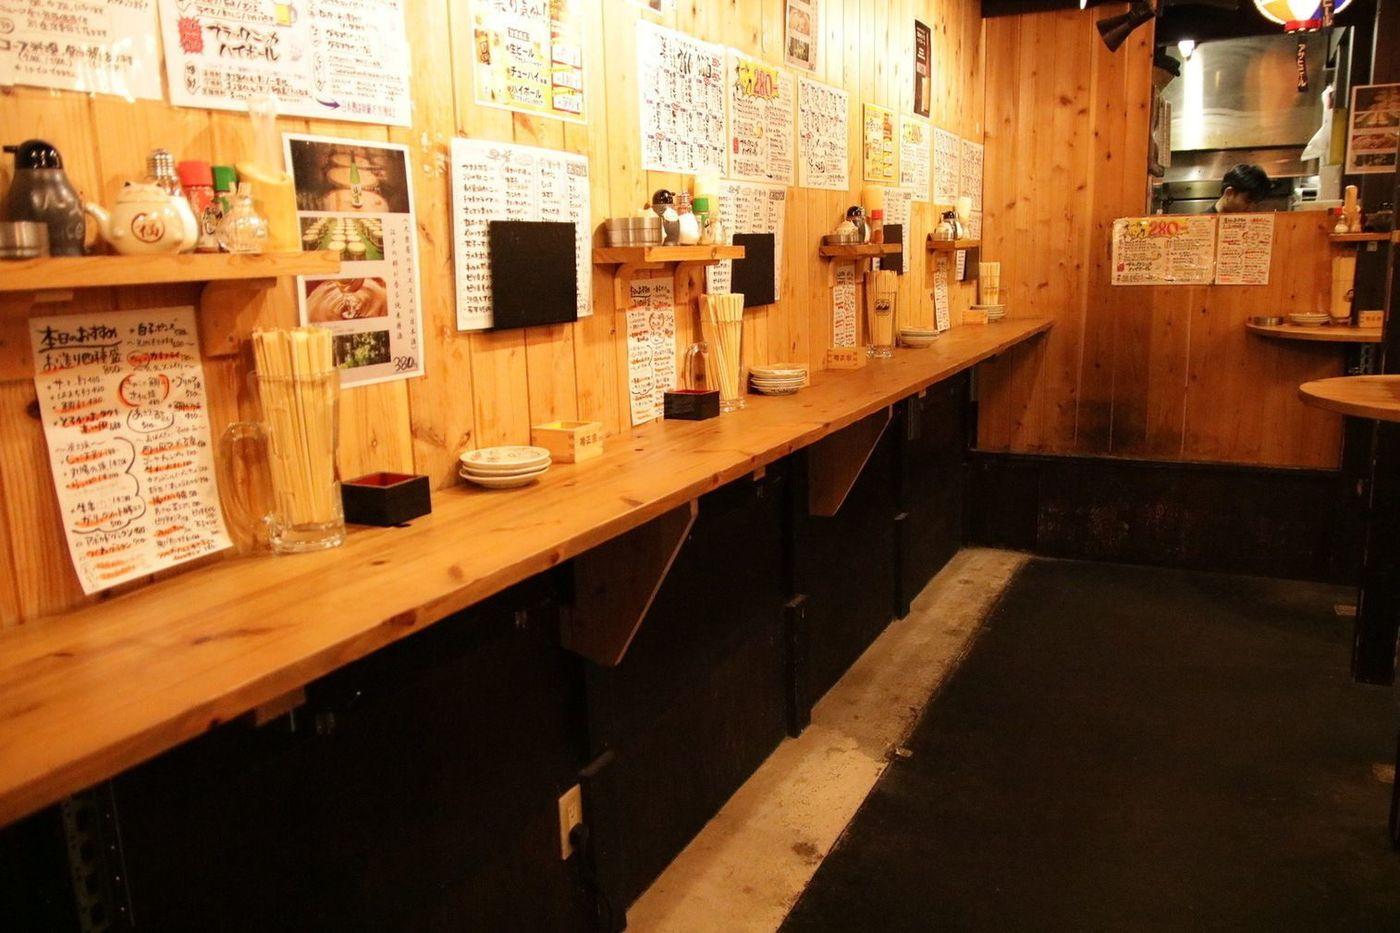 【難波×個室】難波で見つけた!個室&ハイクオリティ居酒屋10選♡の画像